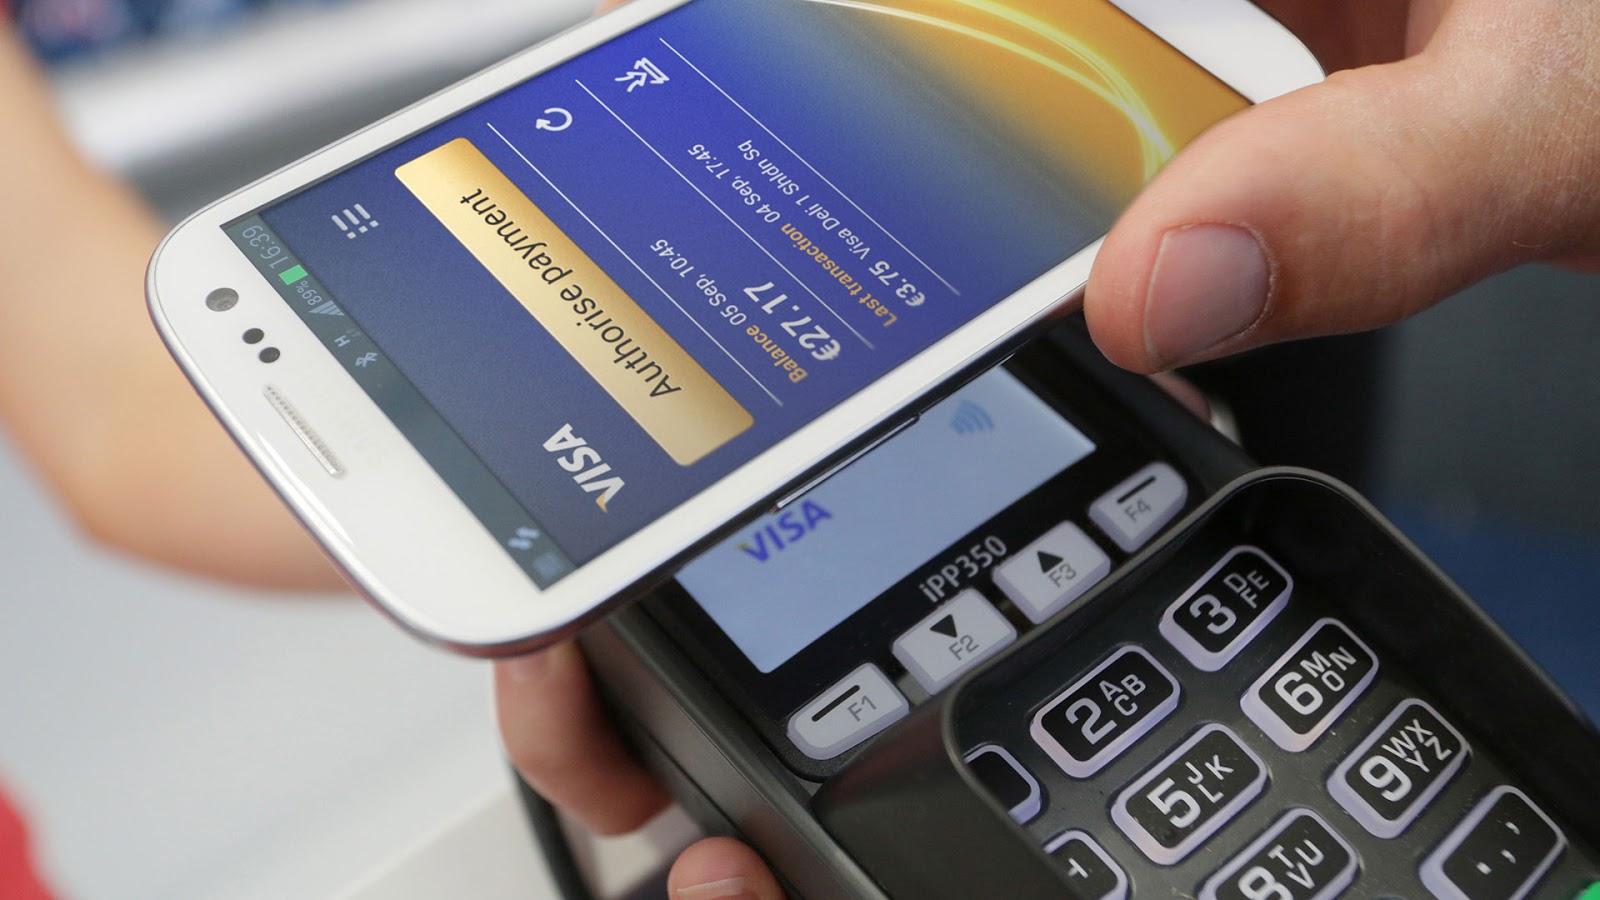 NFC в смартфоне: что это и для чего нужен модуль, как работает технология и какие смартфоны поддерживают NFC?